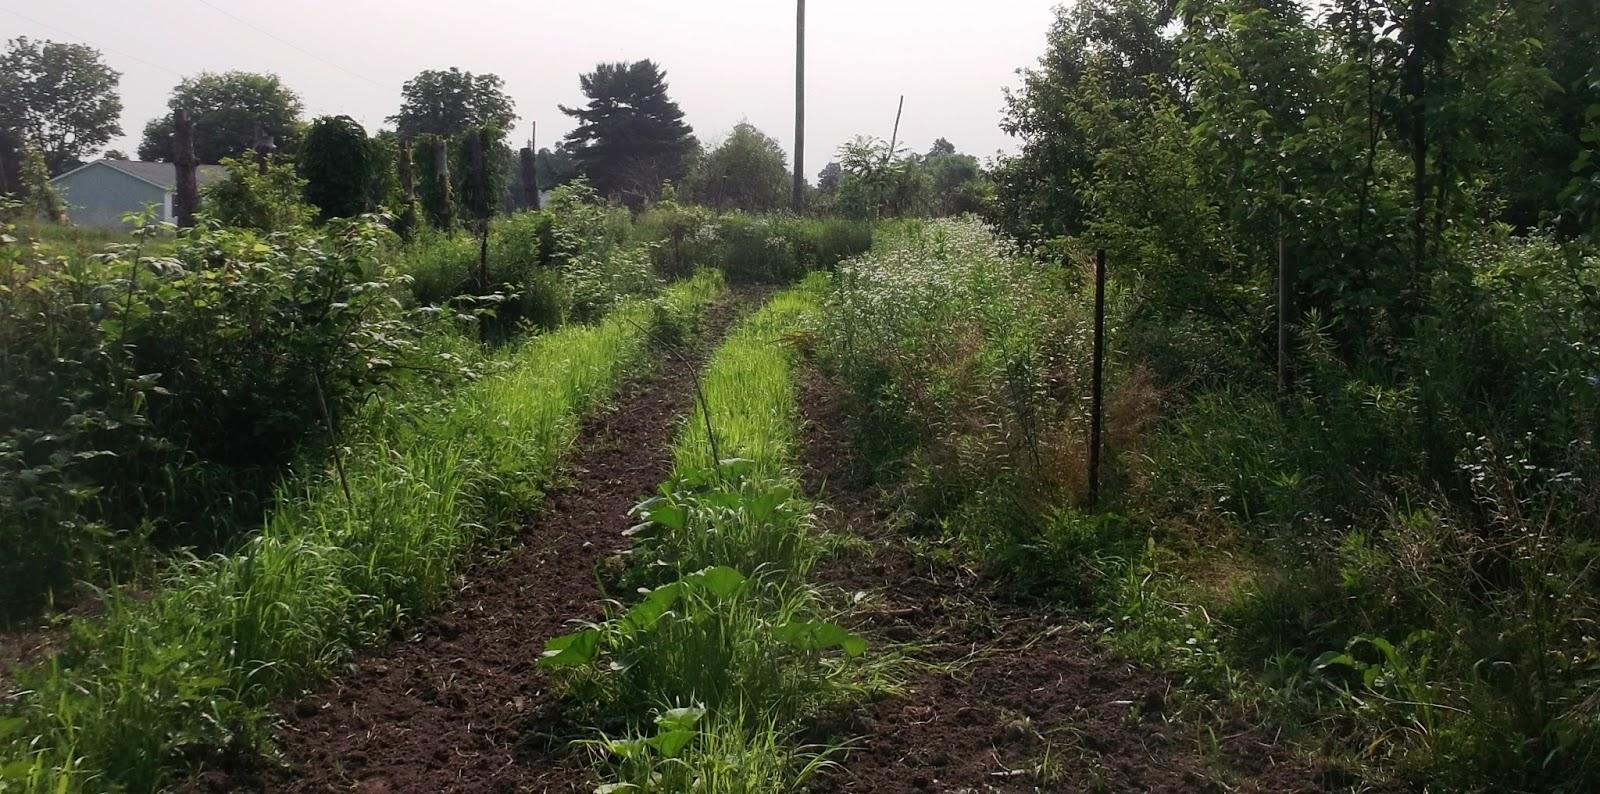 Flower Garden Eaton Rapids Michigan: Eaton Rapids Joe: Gardening Pictures